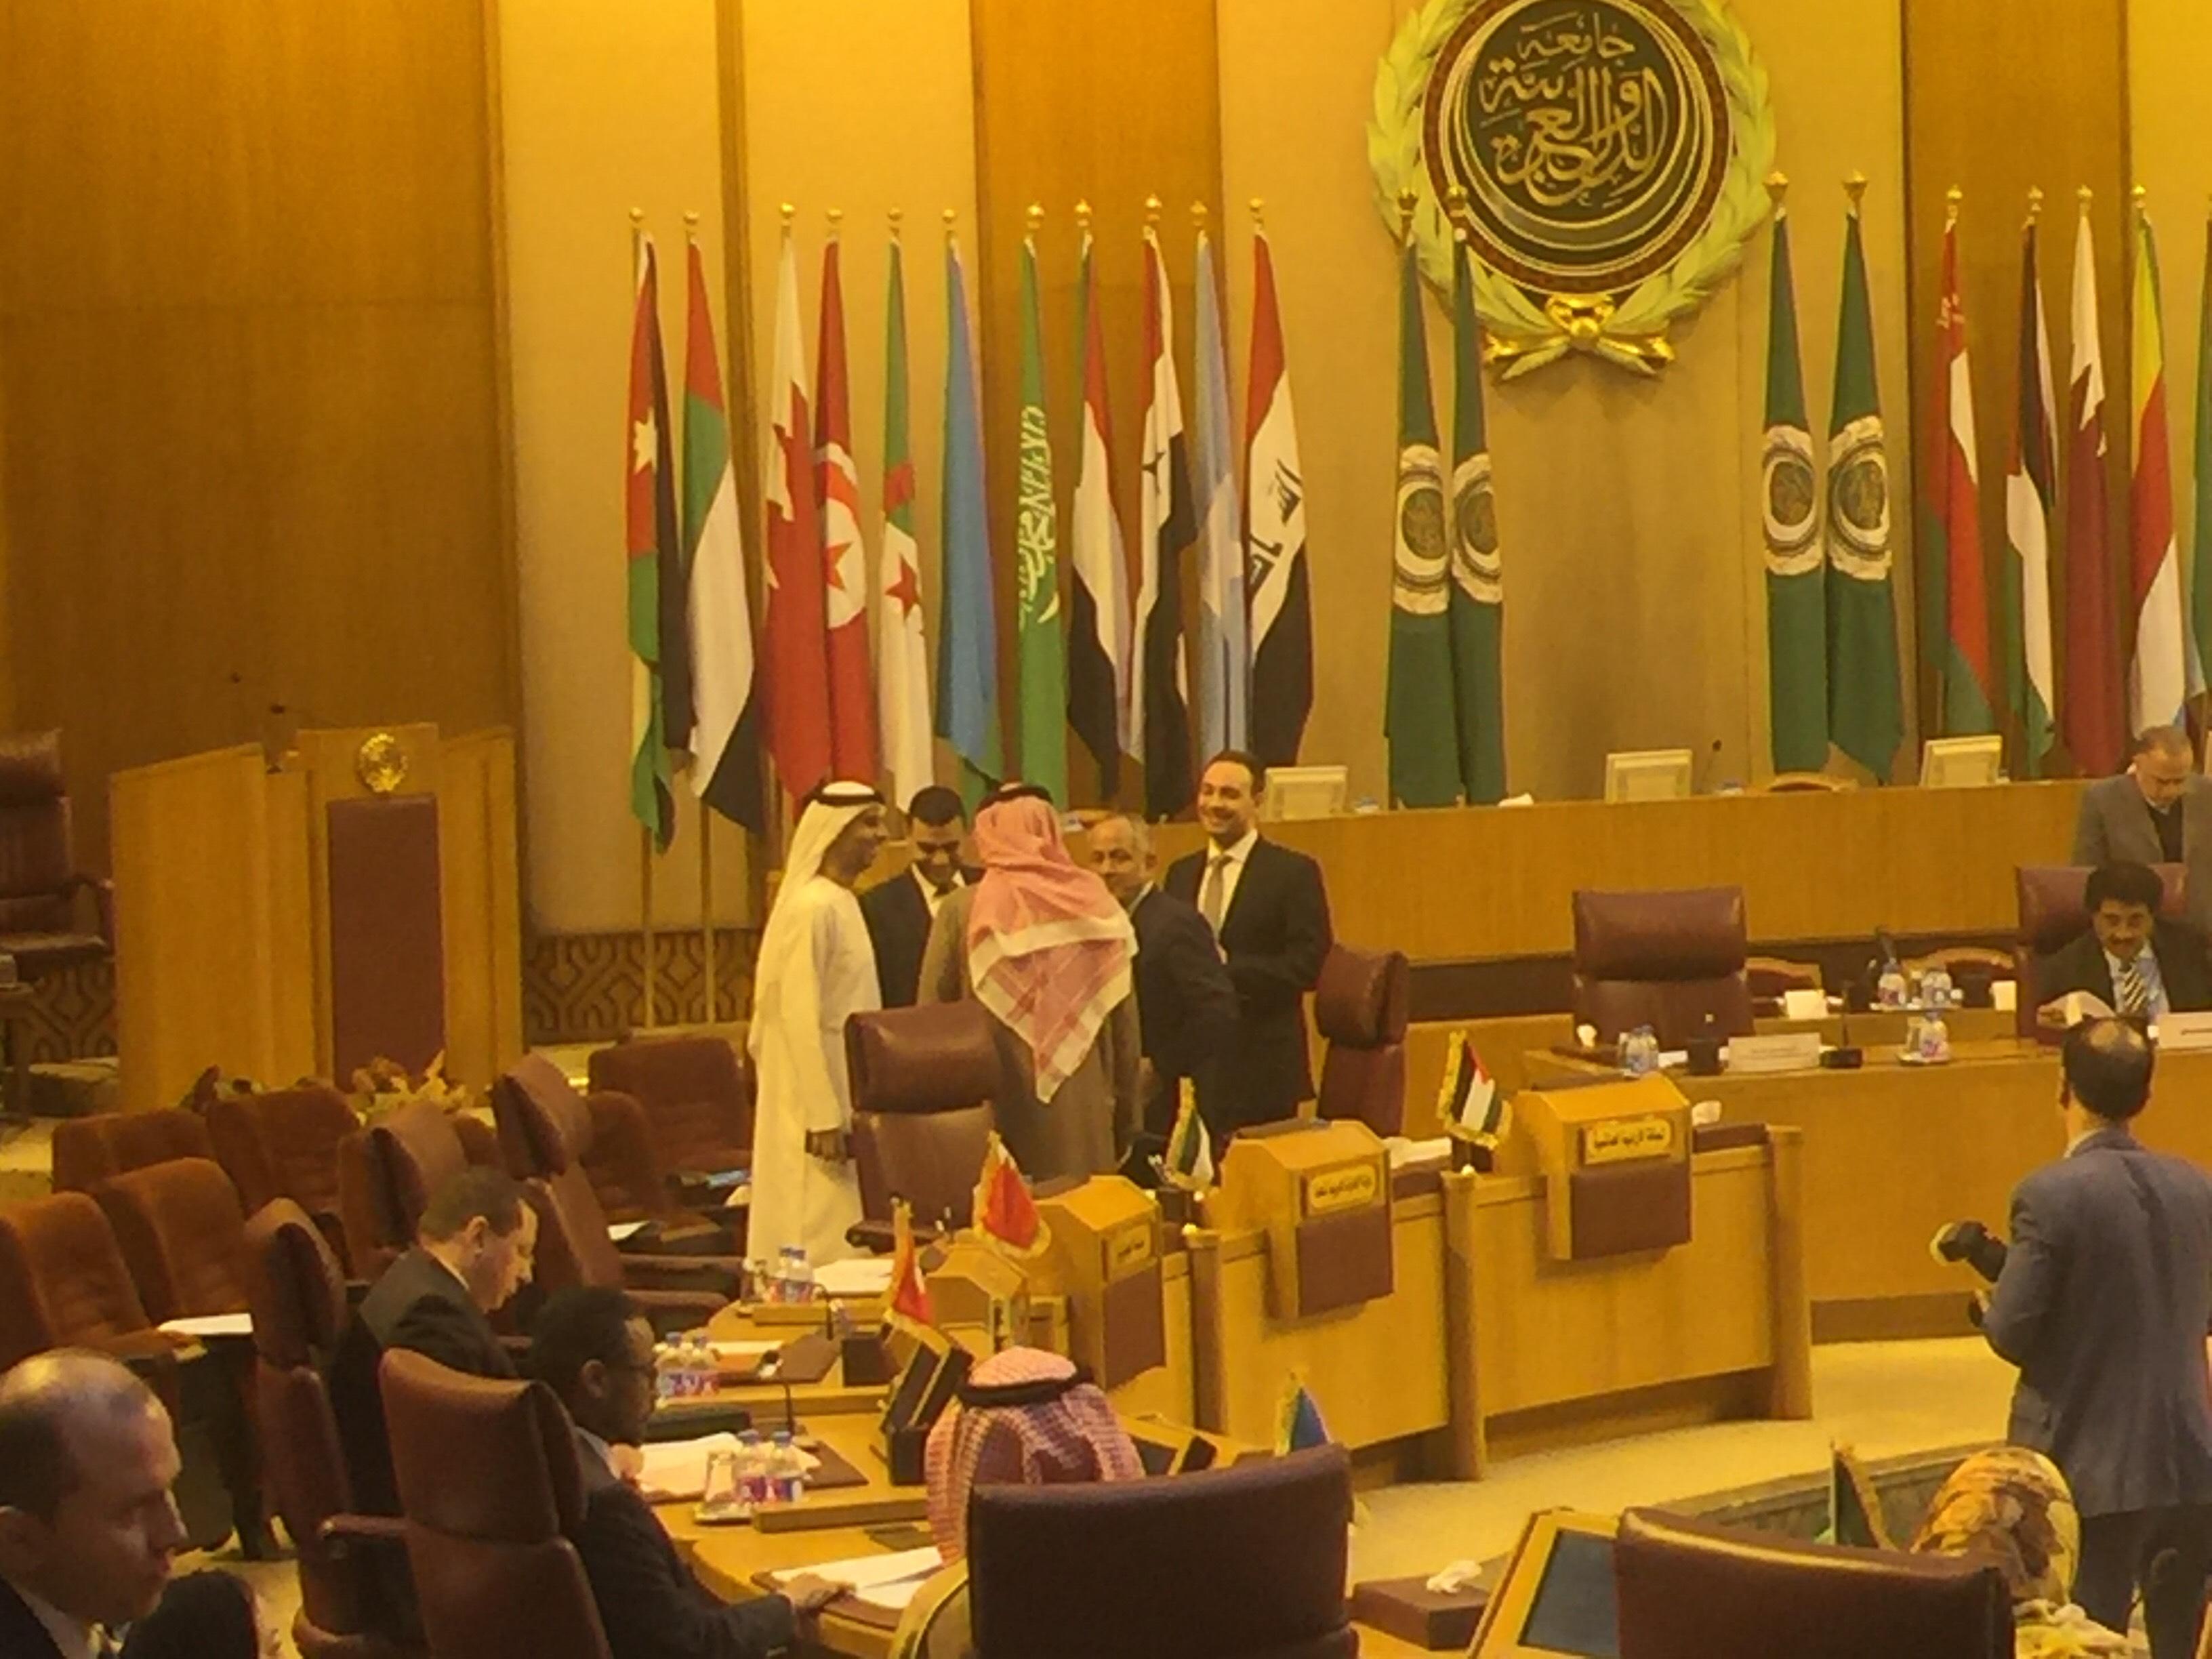 أبو الغيط وعدد من مندوبى الجامعة العربية